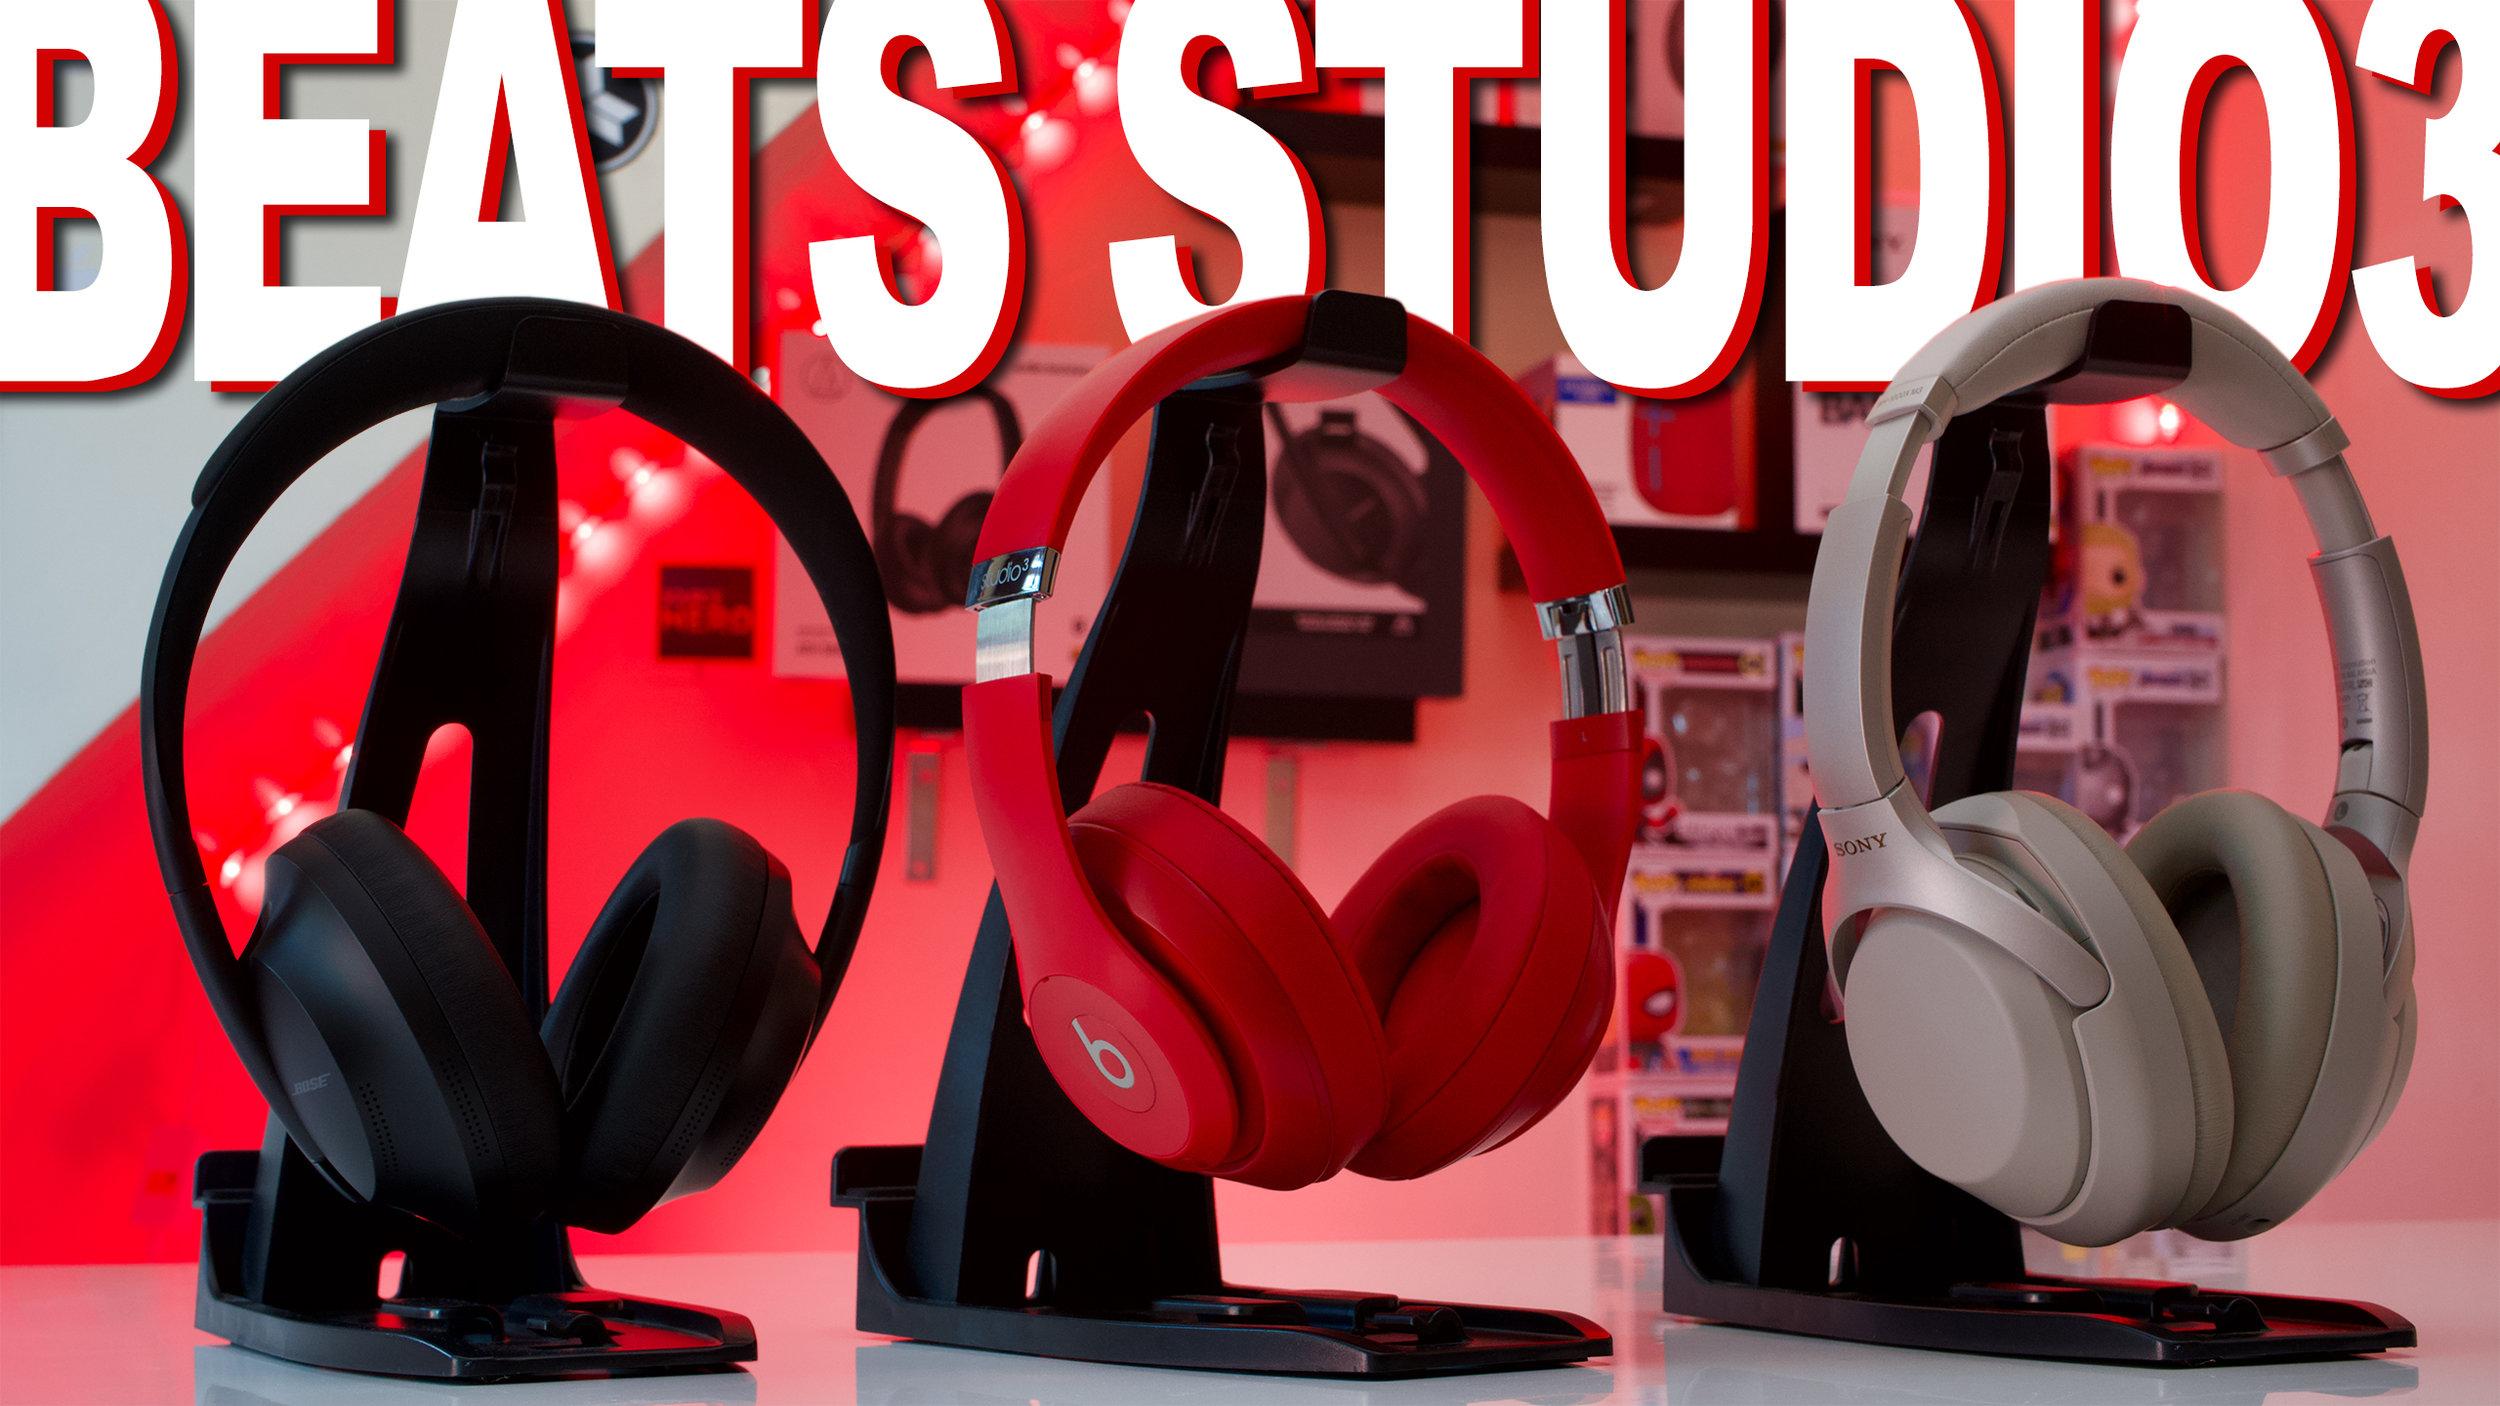 Beats Studio 3 In 2019 Beats Studio 4 Coming Soon Gymcaddy